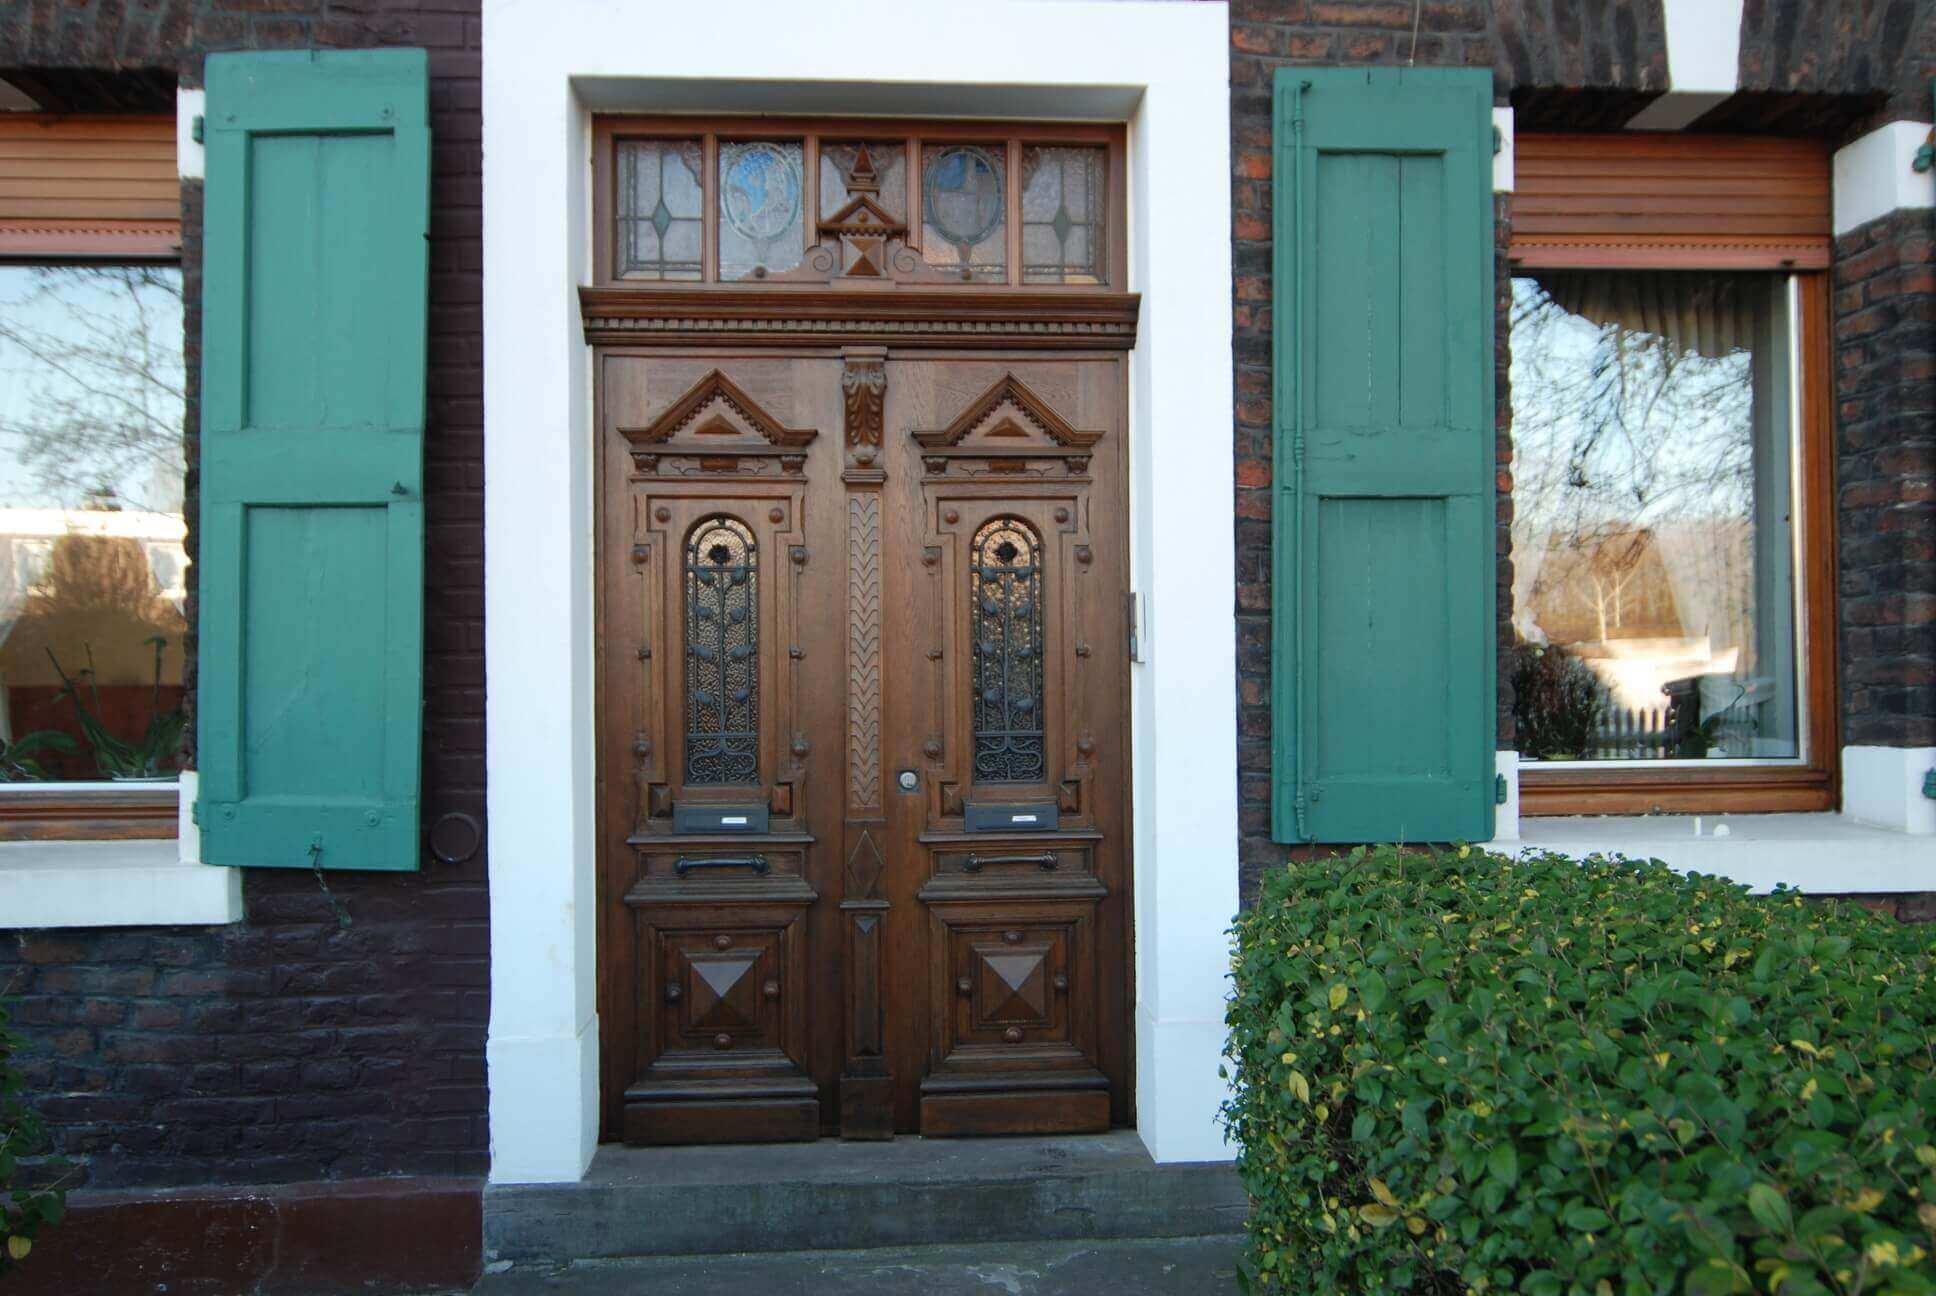 Restauration einer Haustür